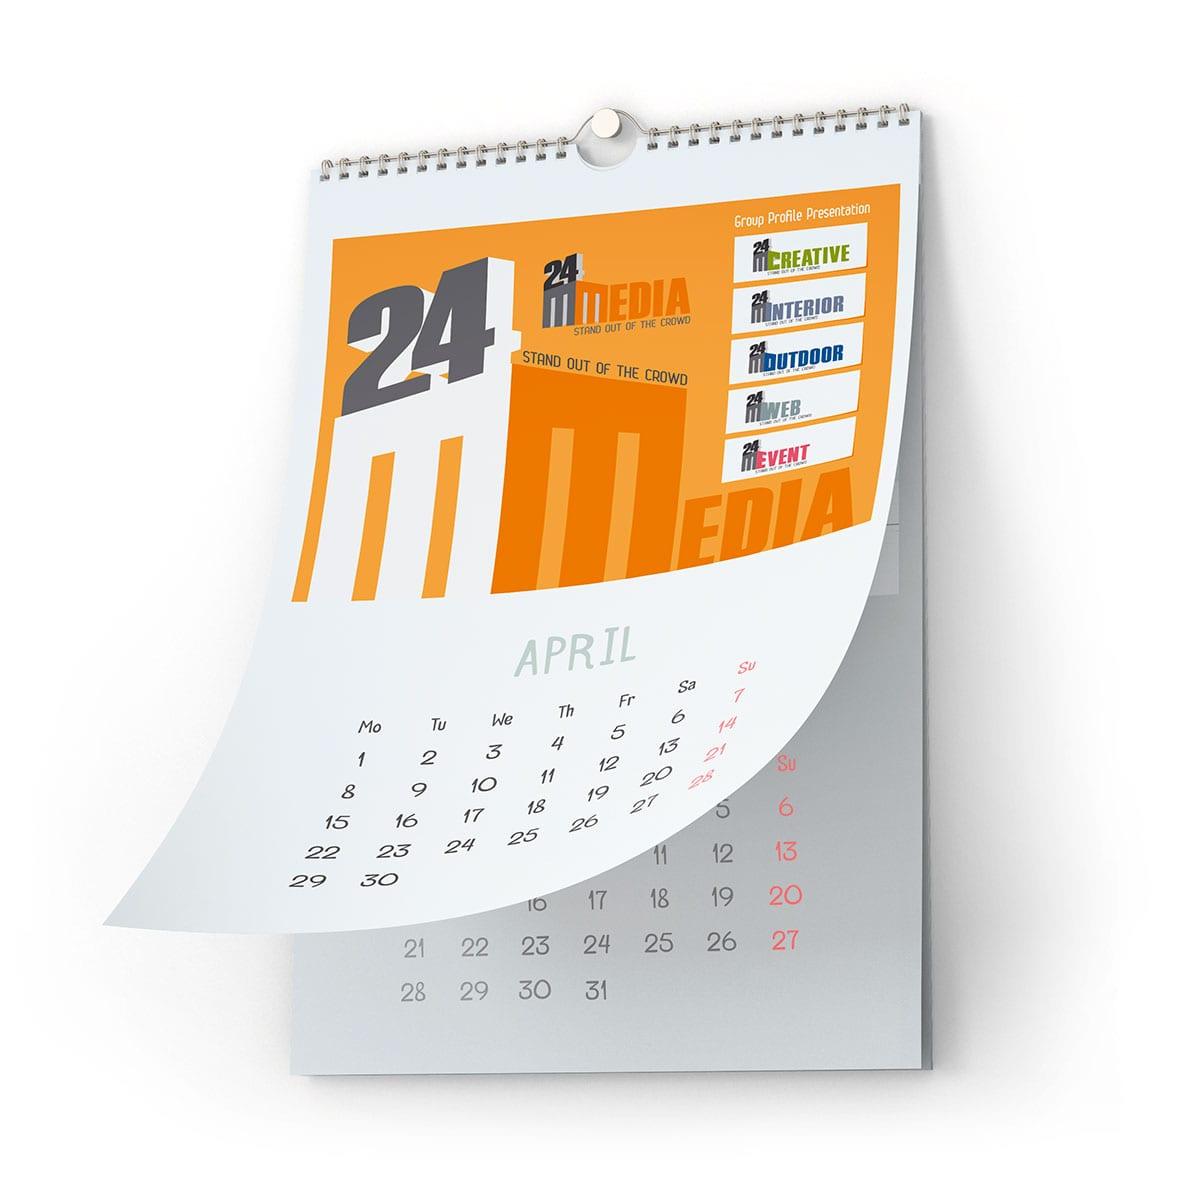 Utilizând calendarele personalizate poți spune mai multe despre afacerea ta decât ai putea transmite cu un calendar standard obișnuit.